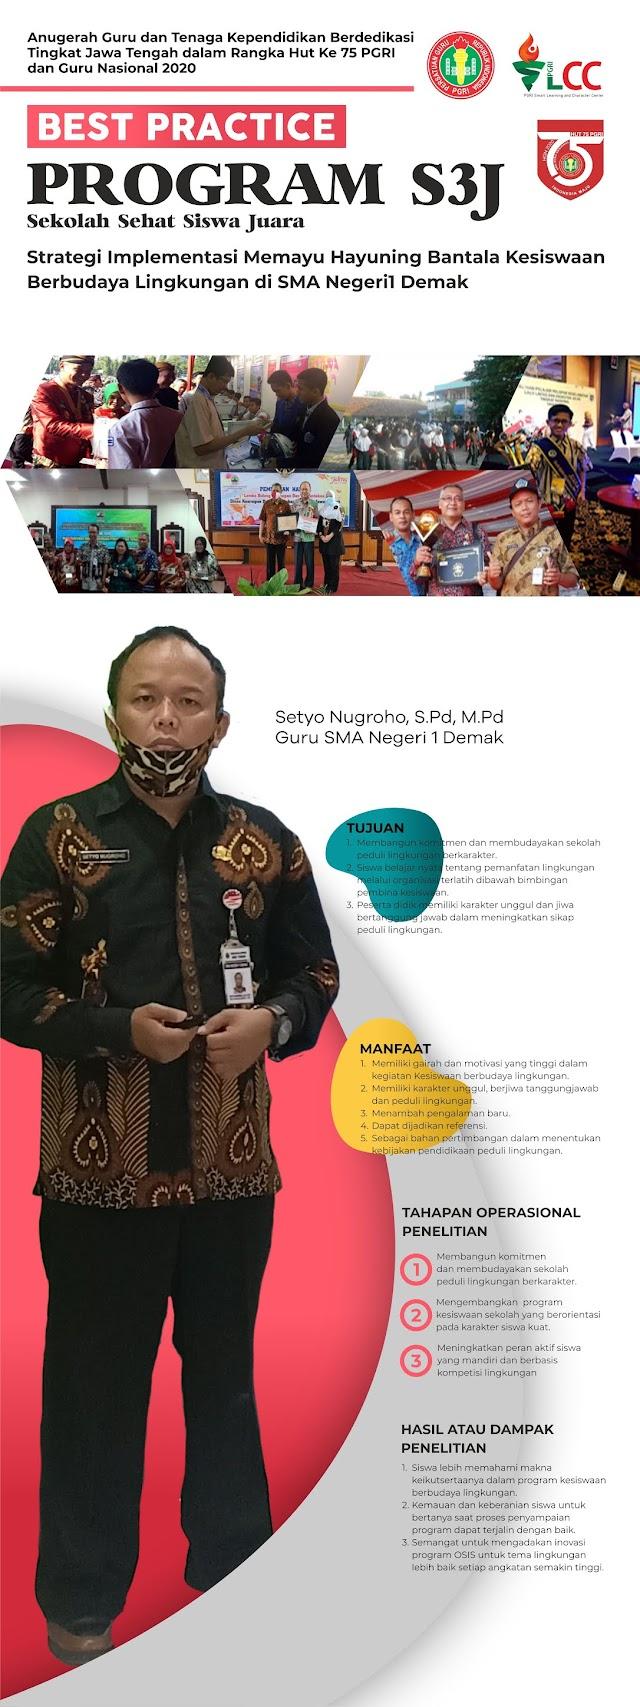 Program S3J (Sekolah Sehat Siswa Juara) Sebuah Strategi Implementasi Memayu Hayuning Bantala Kesiswaan Berbudaya Lingkungan